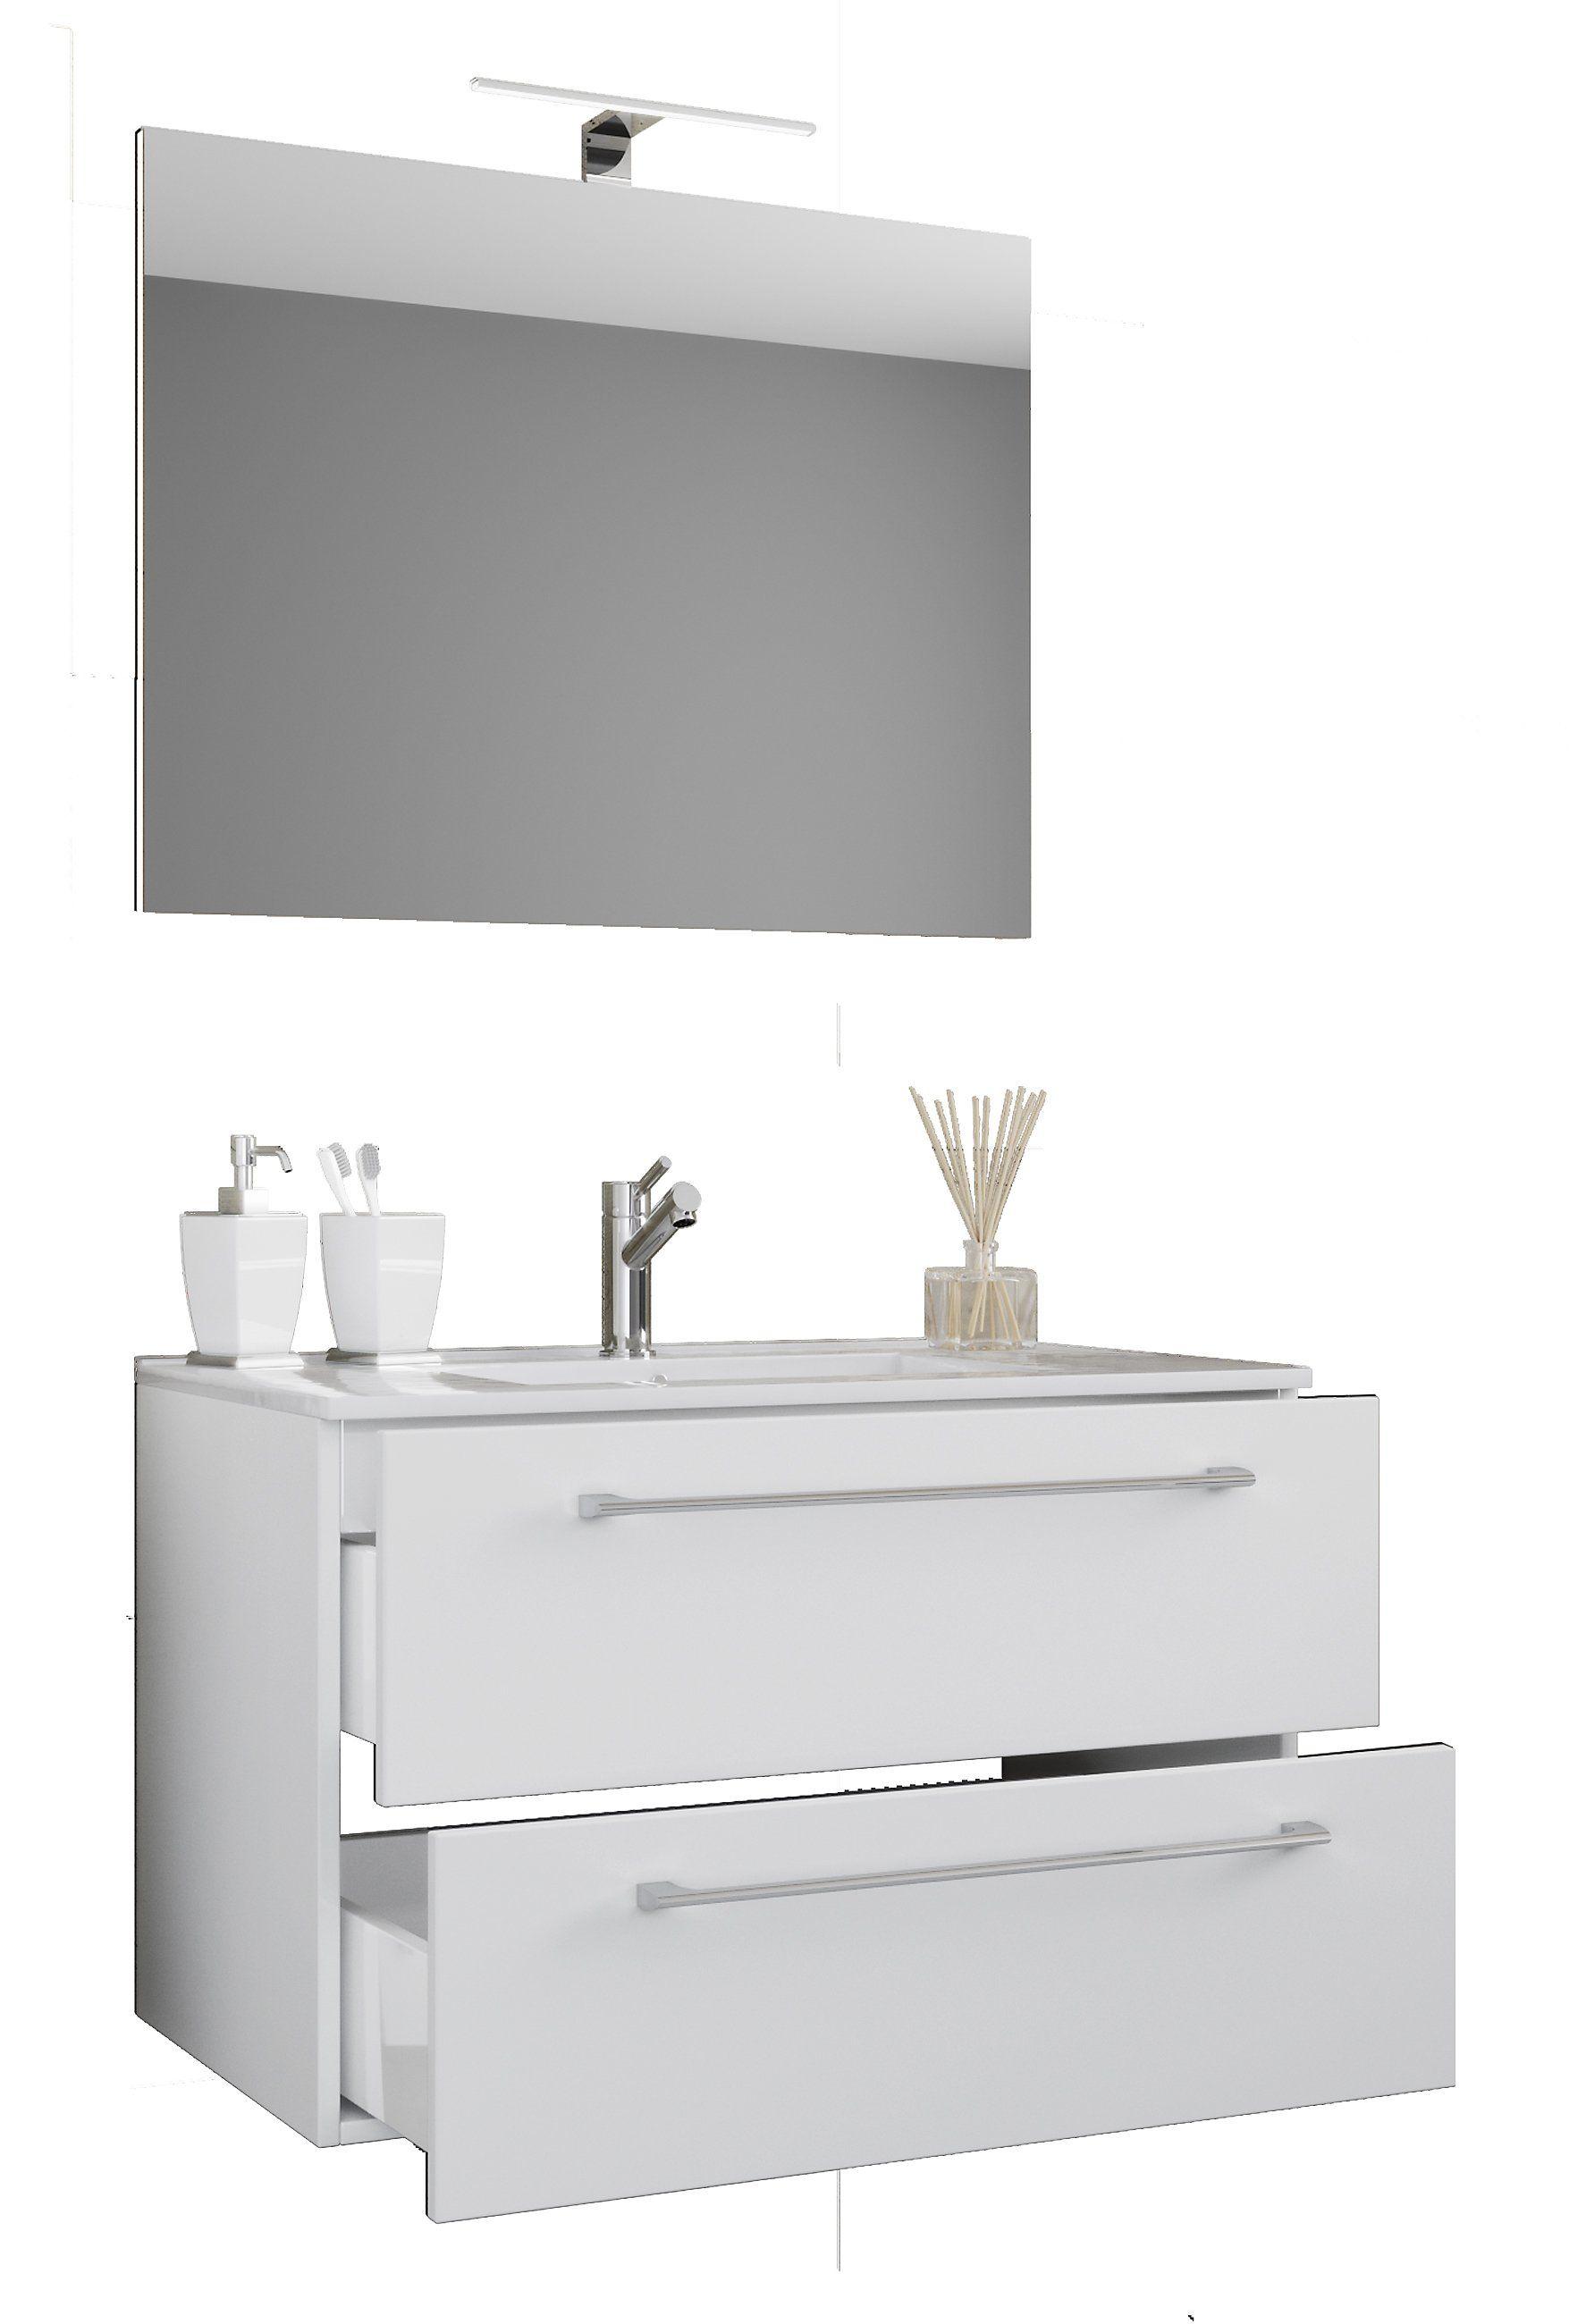 Badezimmer Unterschrank Schubladen In 2020 Badezimmer Badezimmer Unterschrank Unterschrank